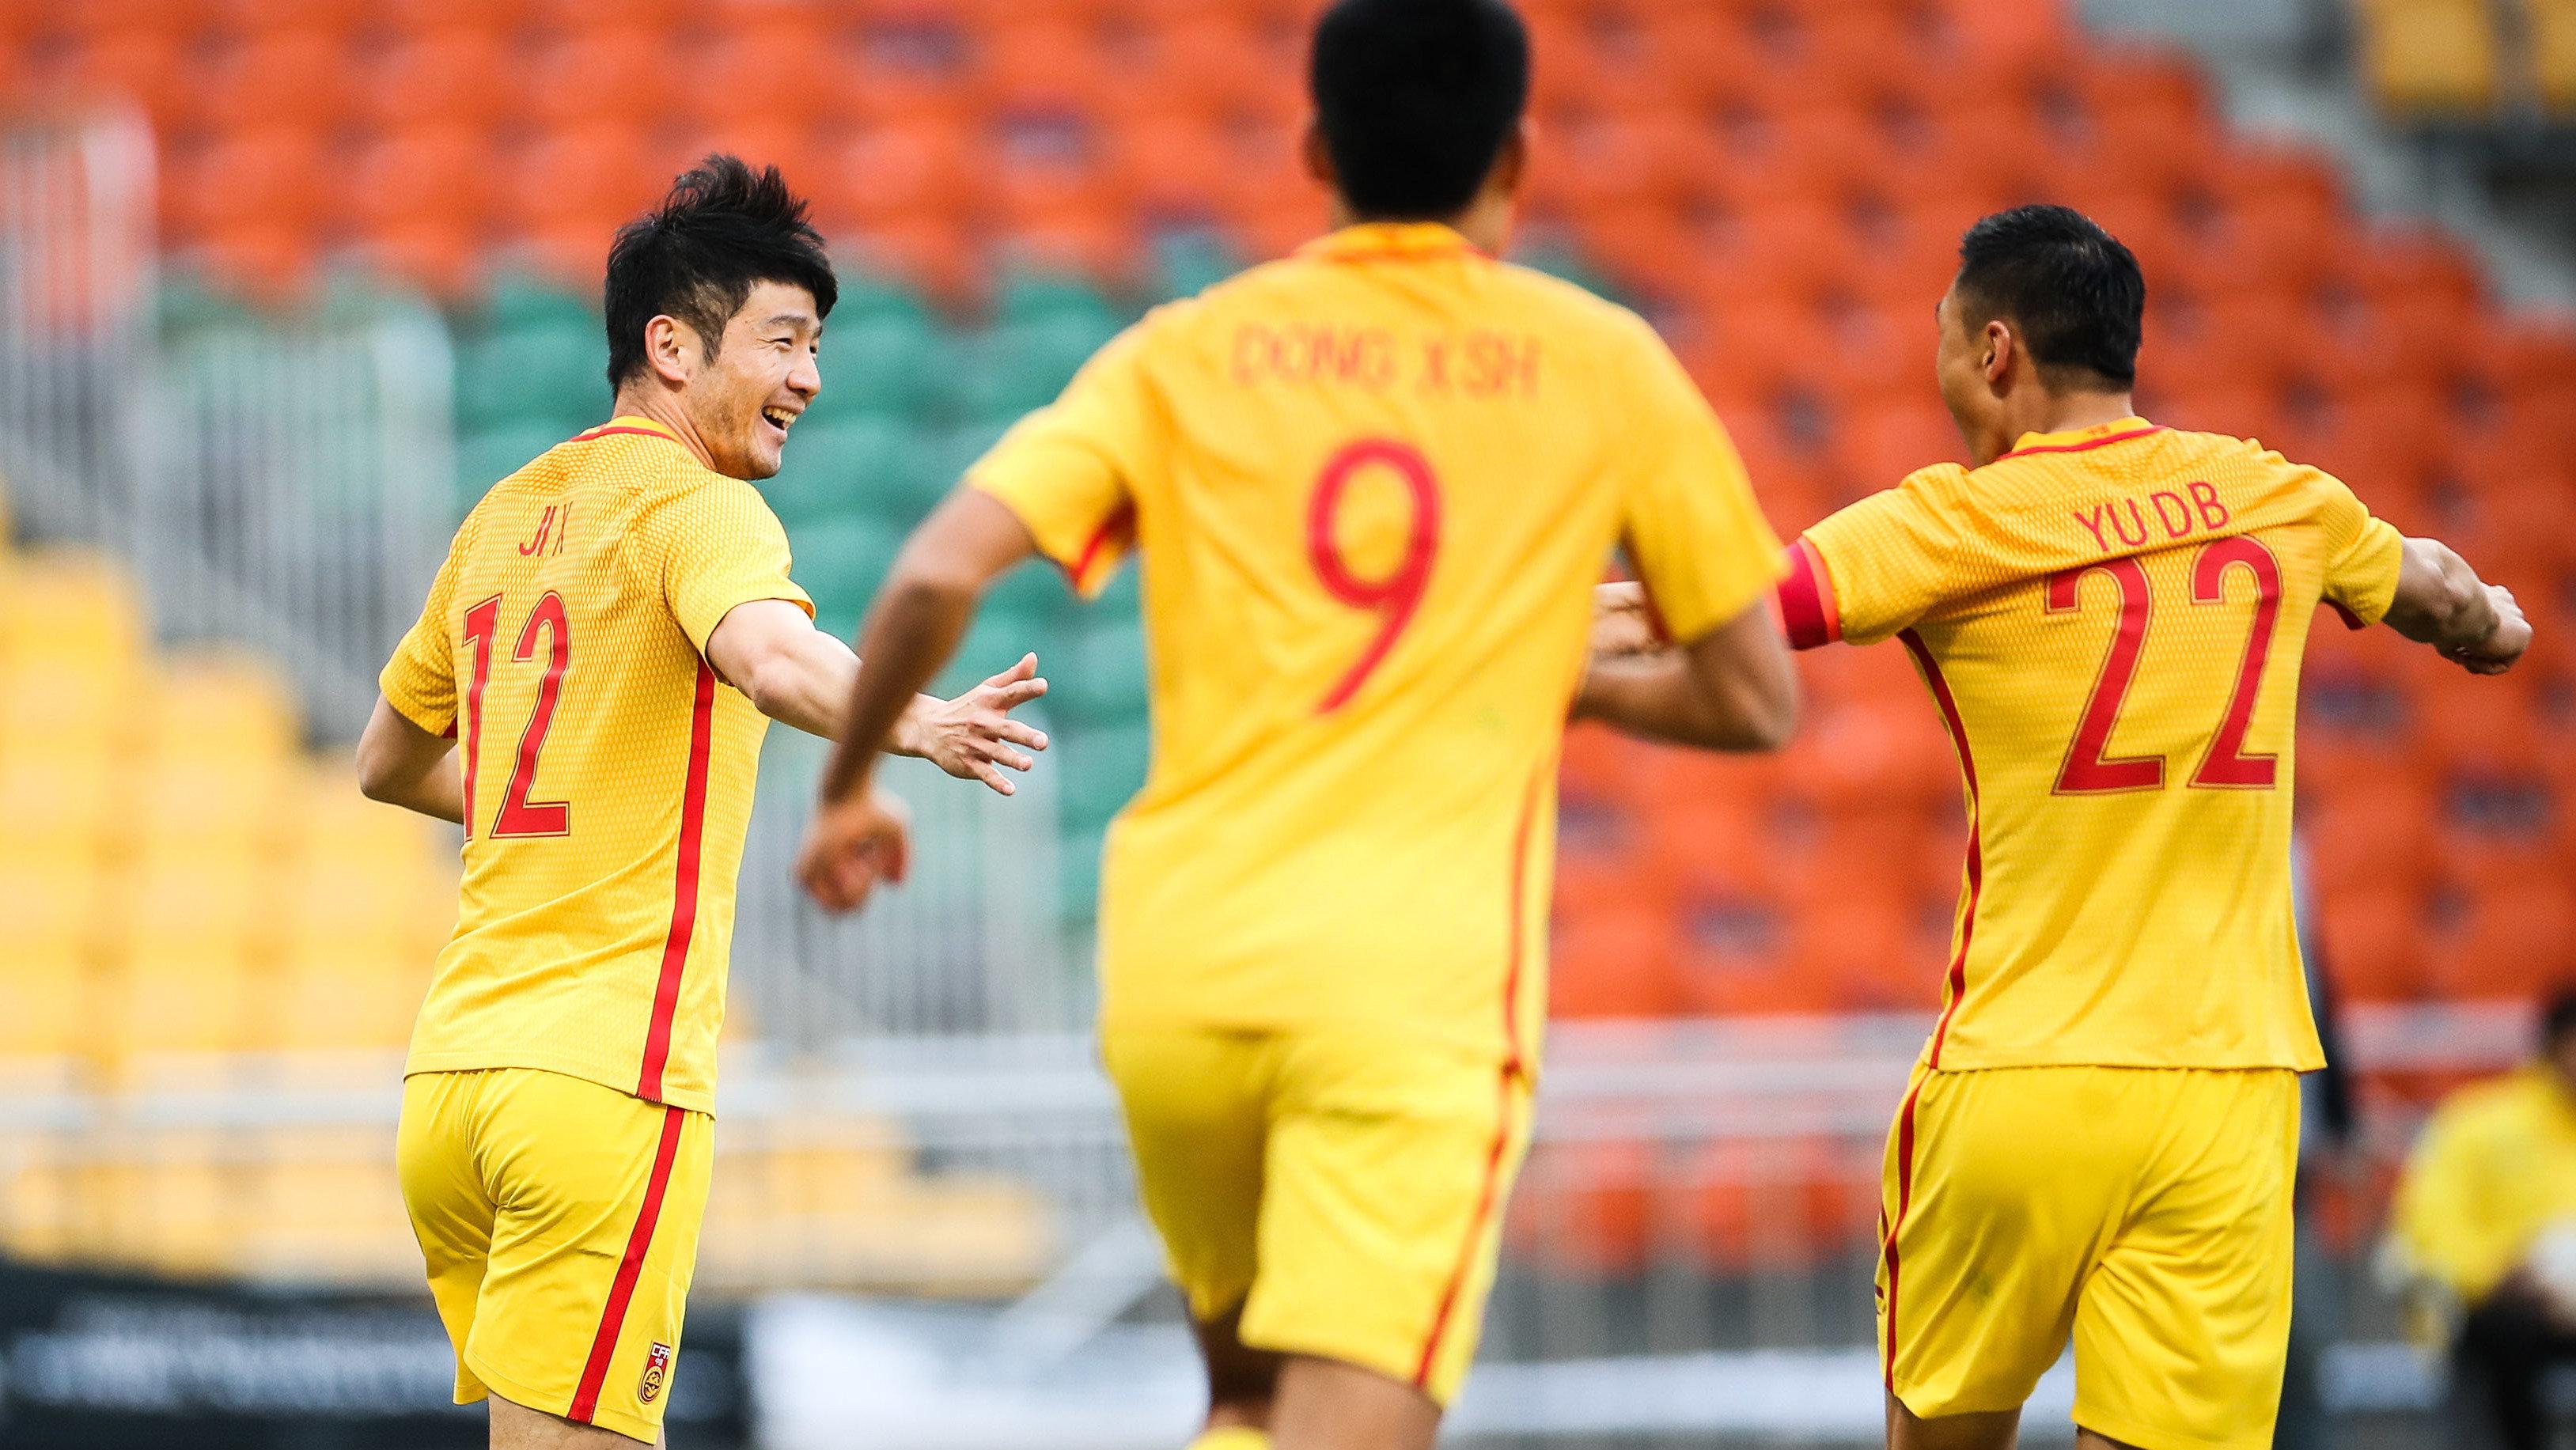 中国队再获绝佳位置任意球 李昂精确制导皮球直奔死角_国足